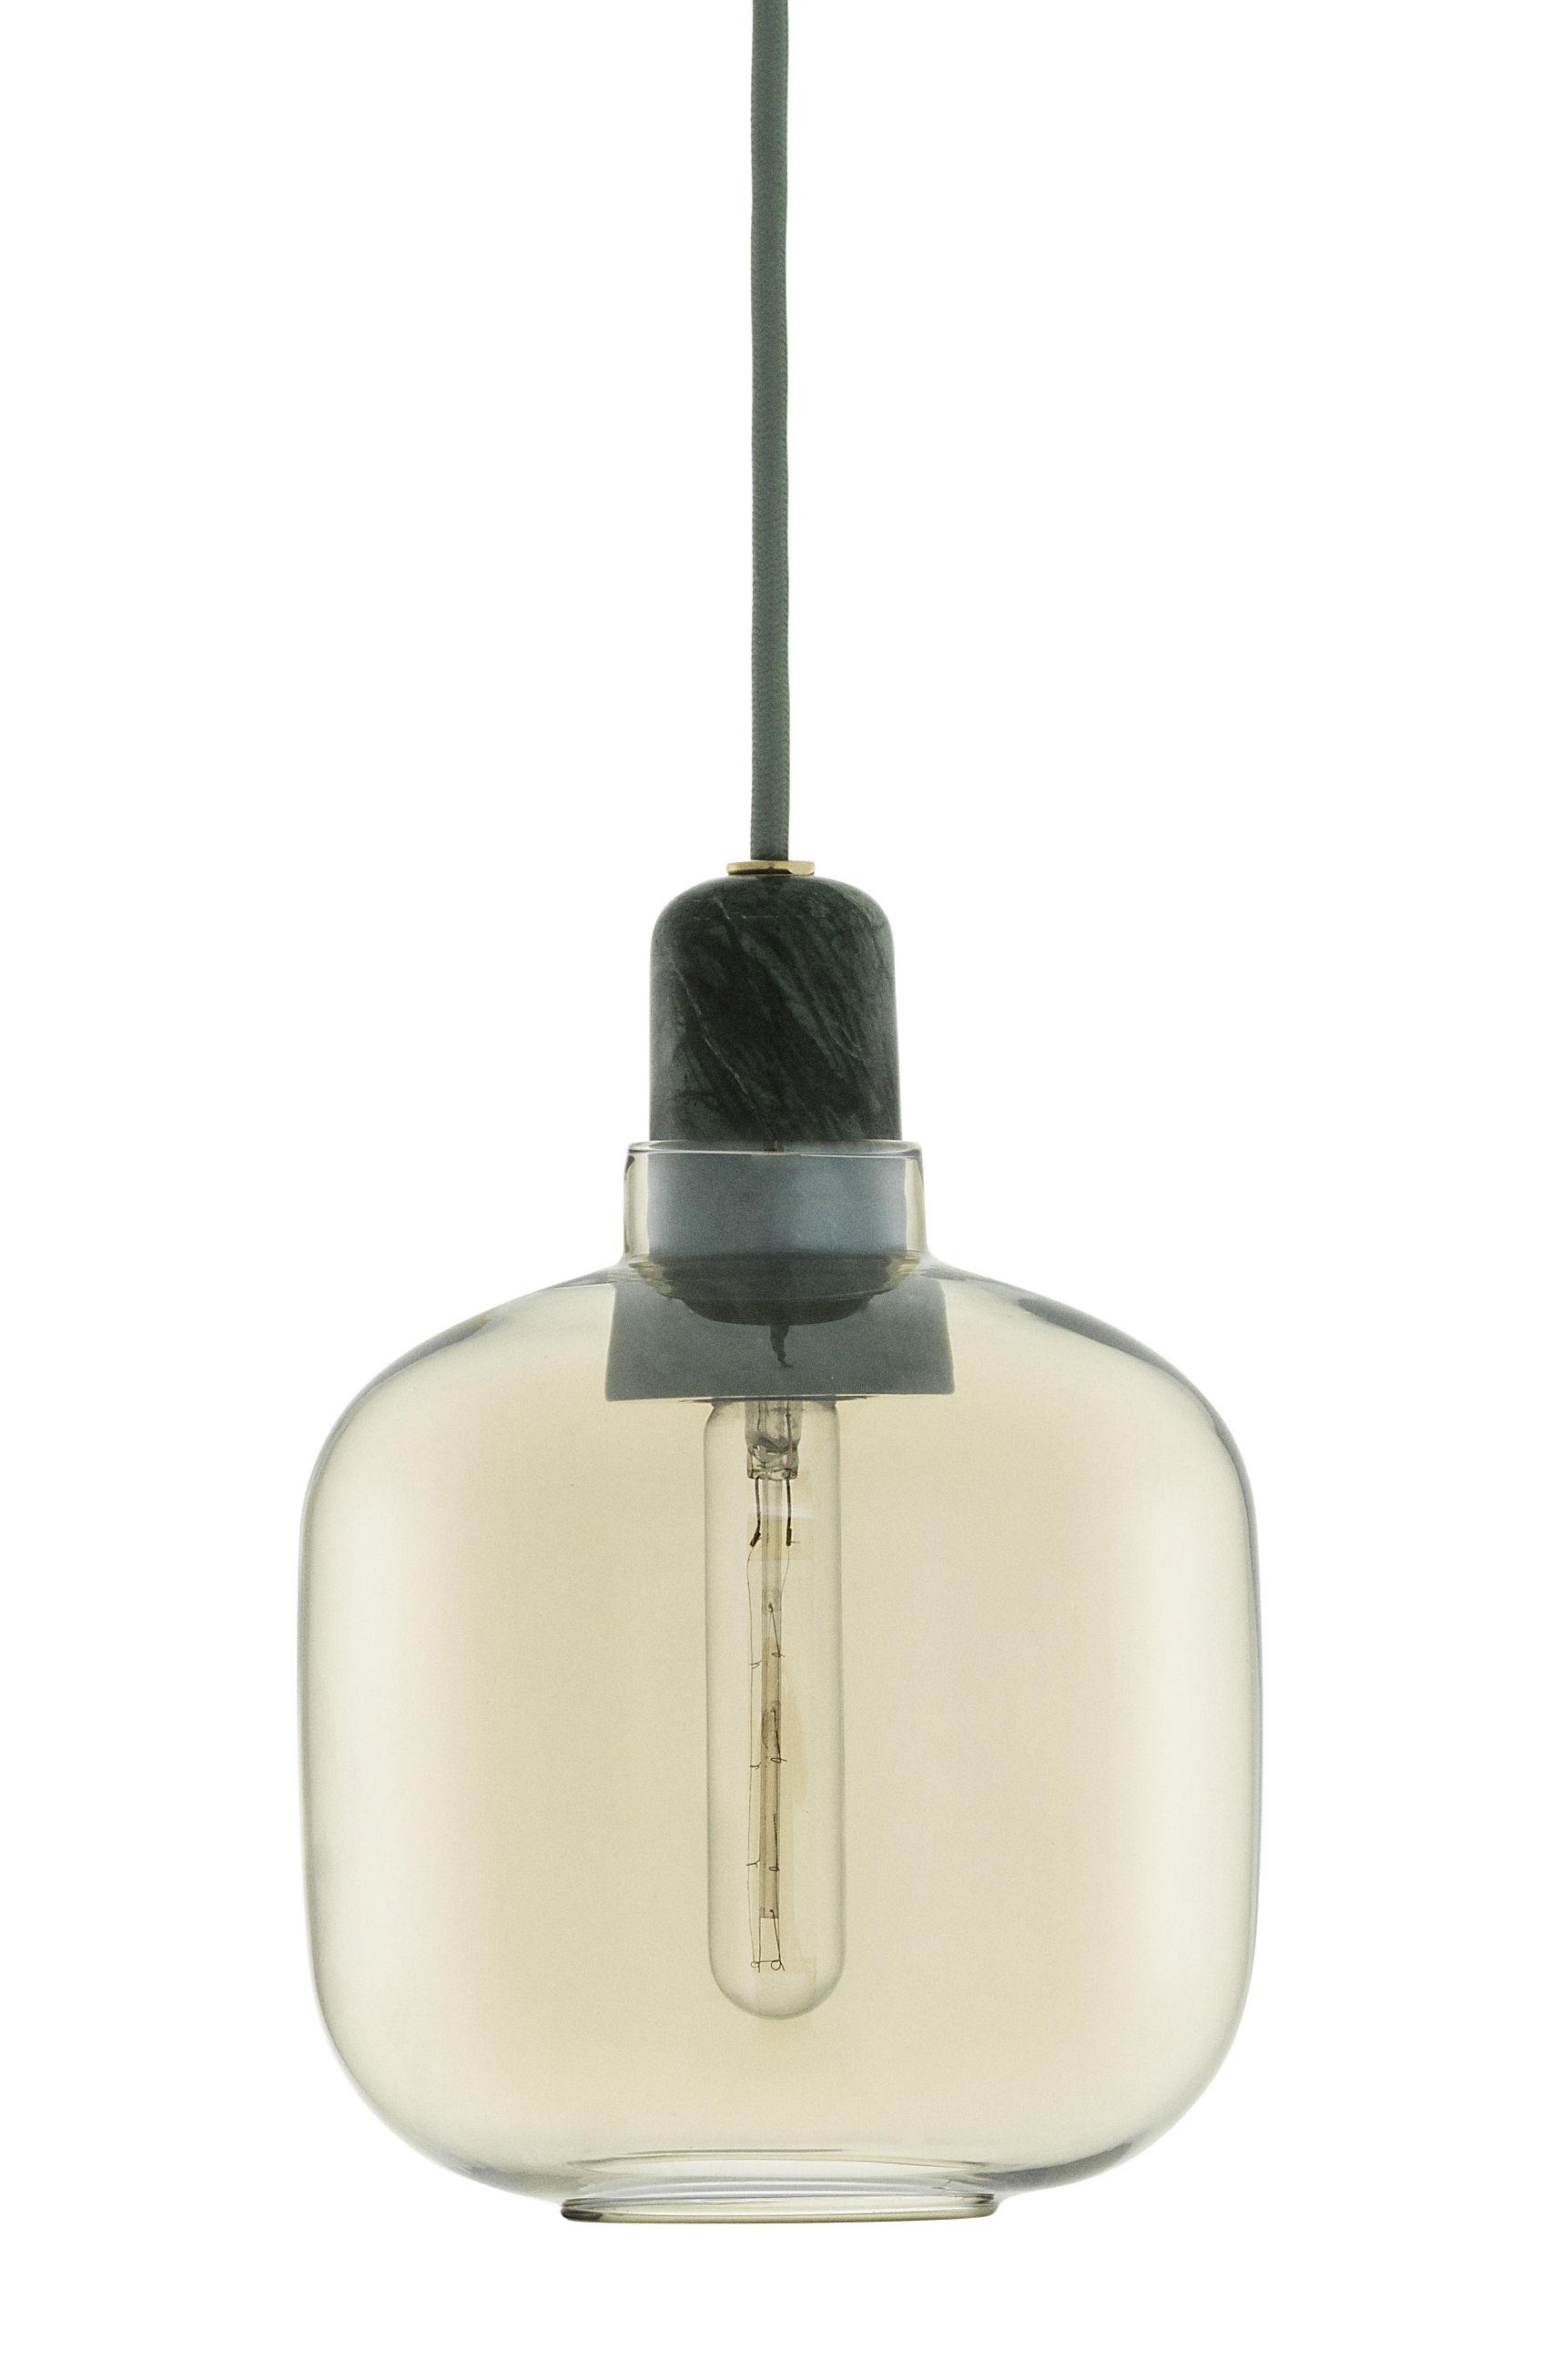 Illuminazione - Lampadari - Sospensione Amp Small - / Ø 14 x H 17 cm di Normann Copenhagen - Dorato / Marmo verde giada - Marmo, Vetro